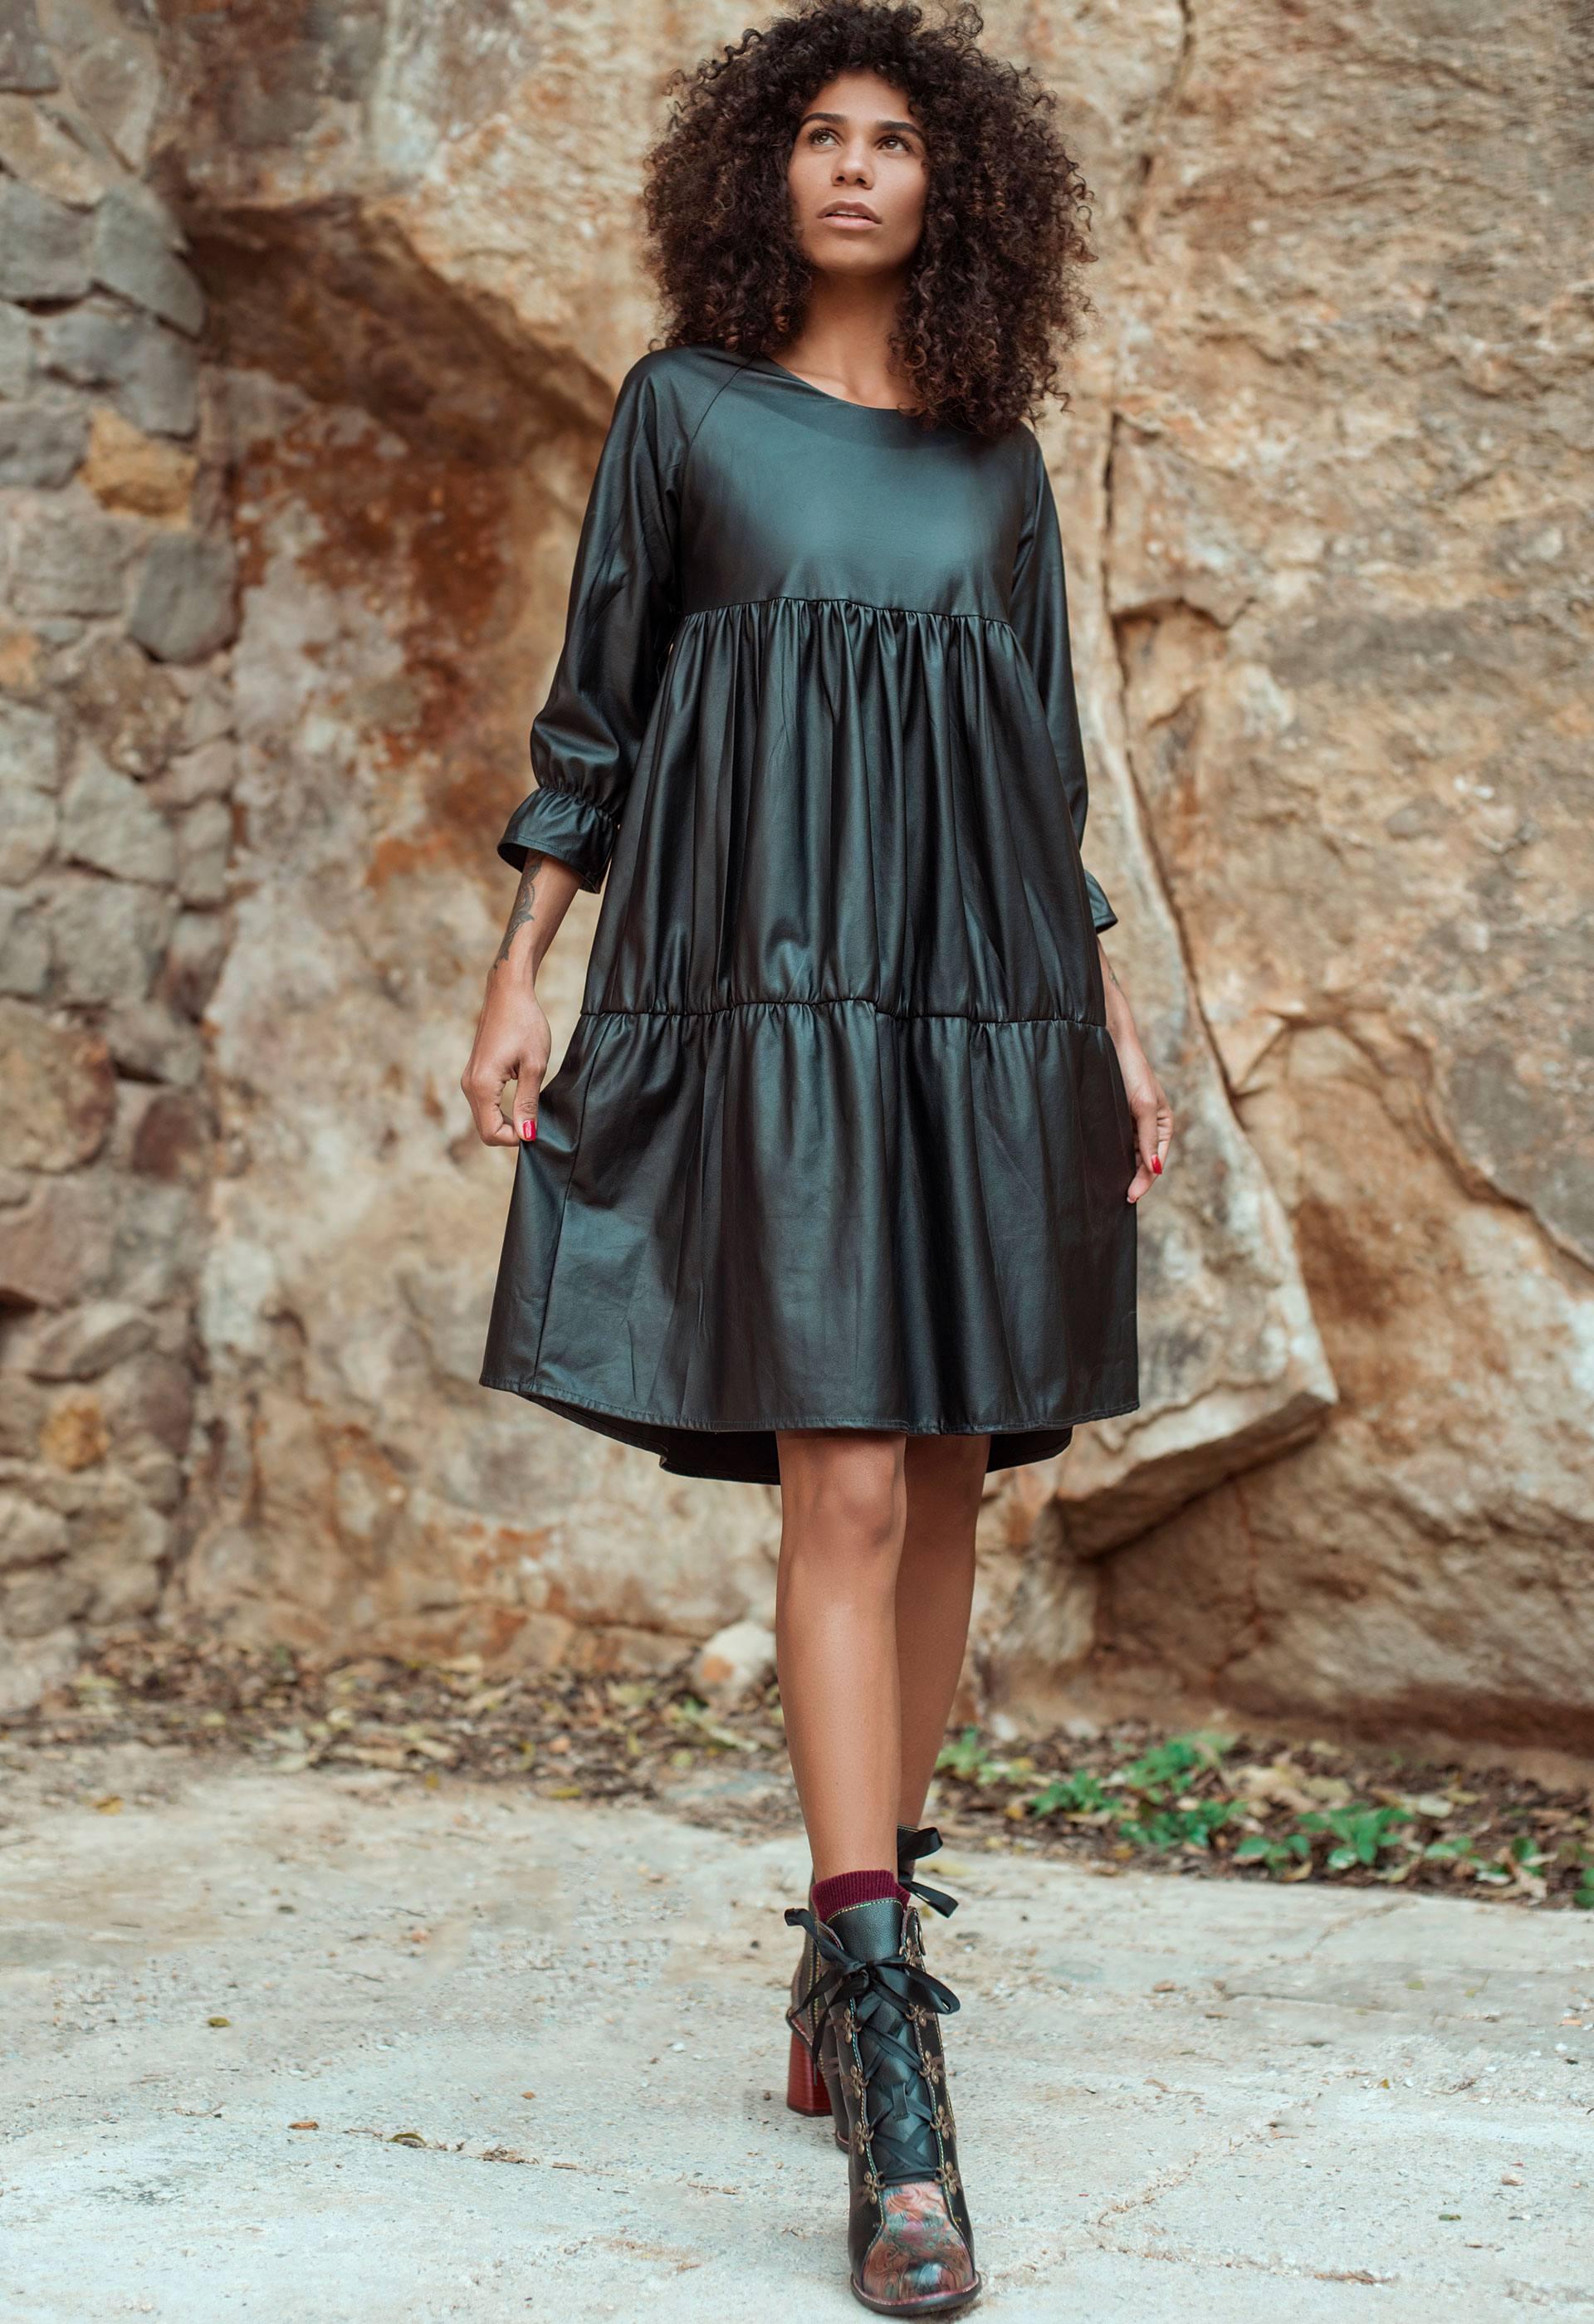 PRÊT À PORTER-FALL WINTER 19/20 - VESTIDOS, MONOS - Vestido negro de eco piel IO DREAMS